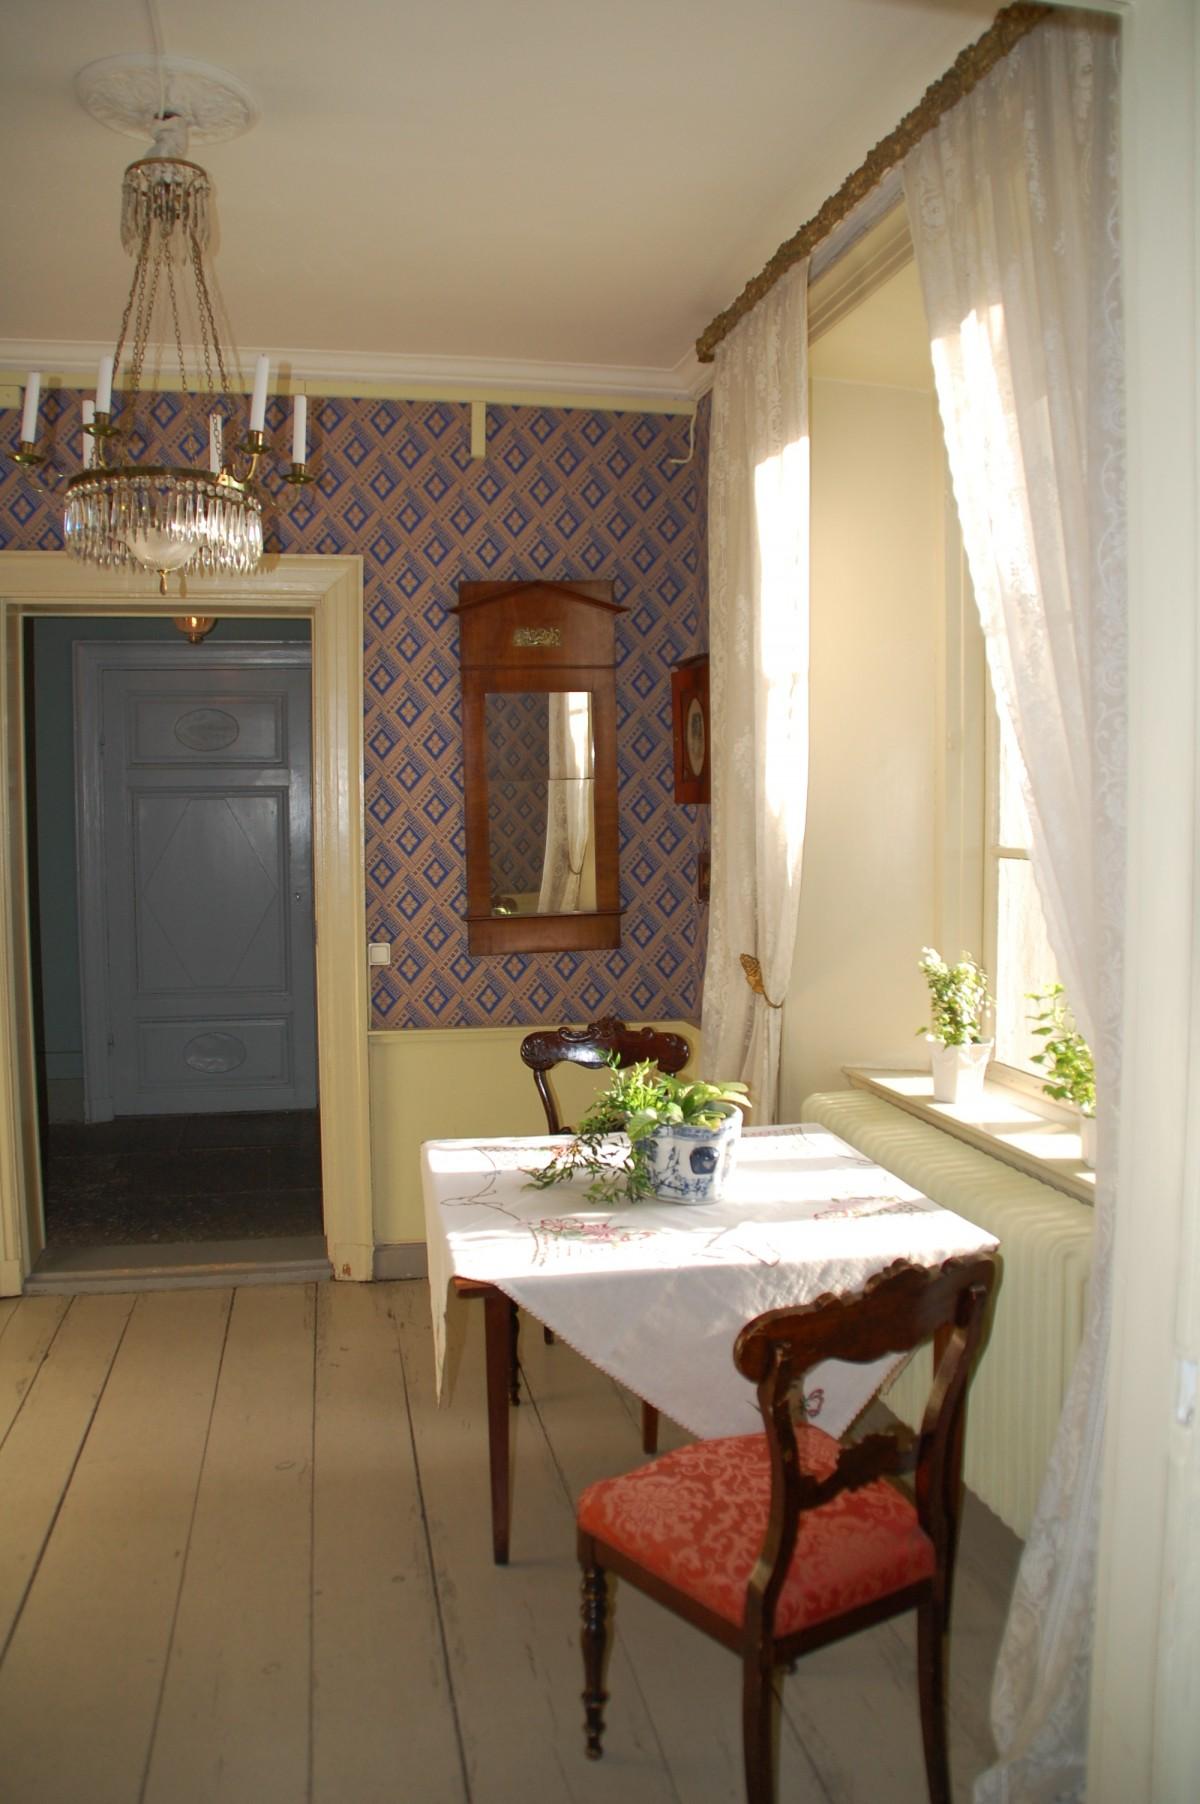 무료 이미지 : 별장, 시골집, 실내의, 재산, 거실, 방, 인테리어 ...